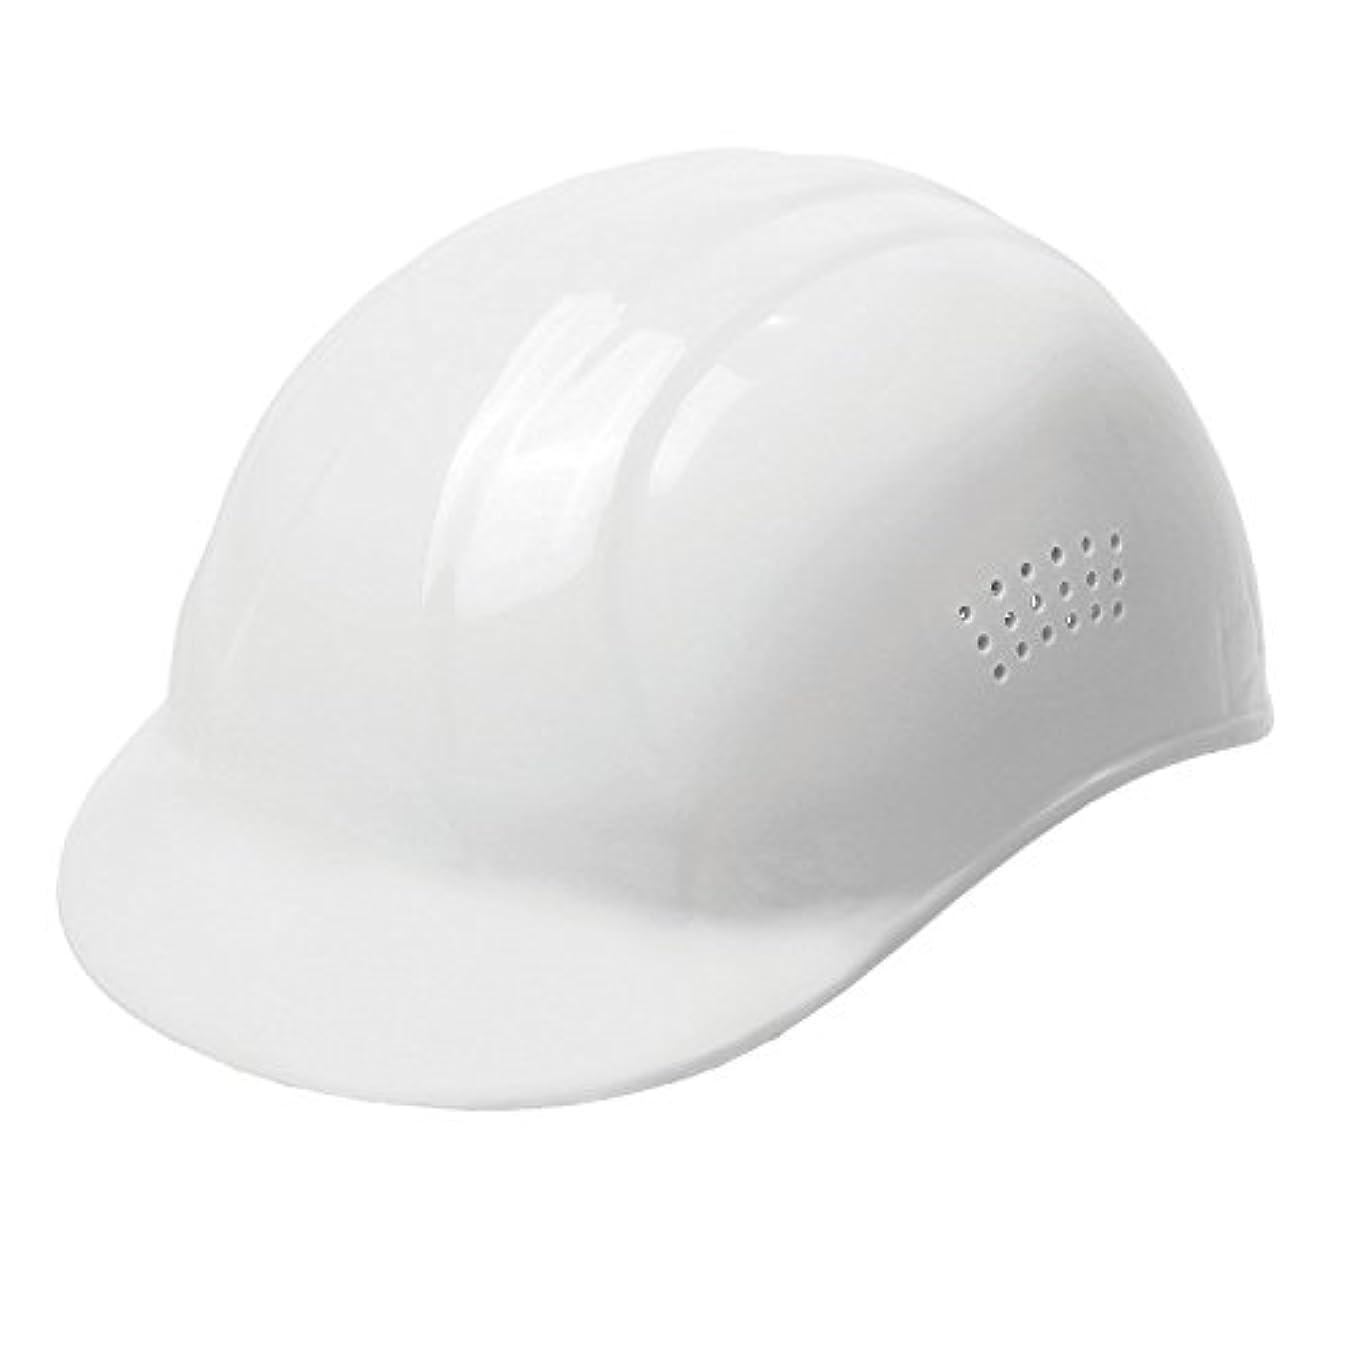 ERB 19111 67 Bump Cap, White